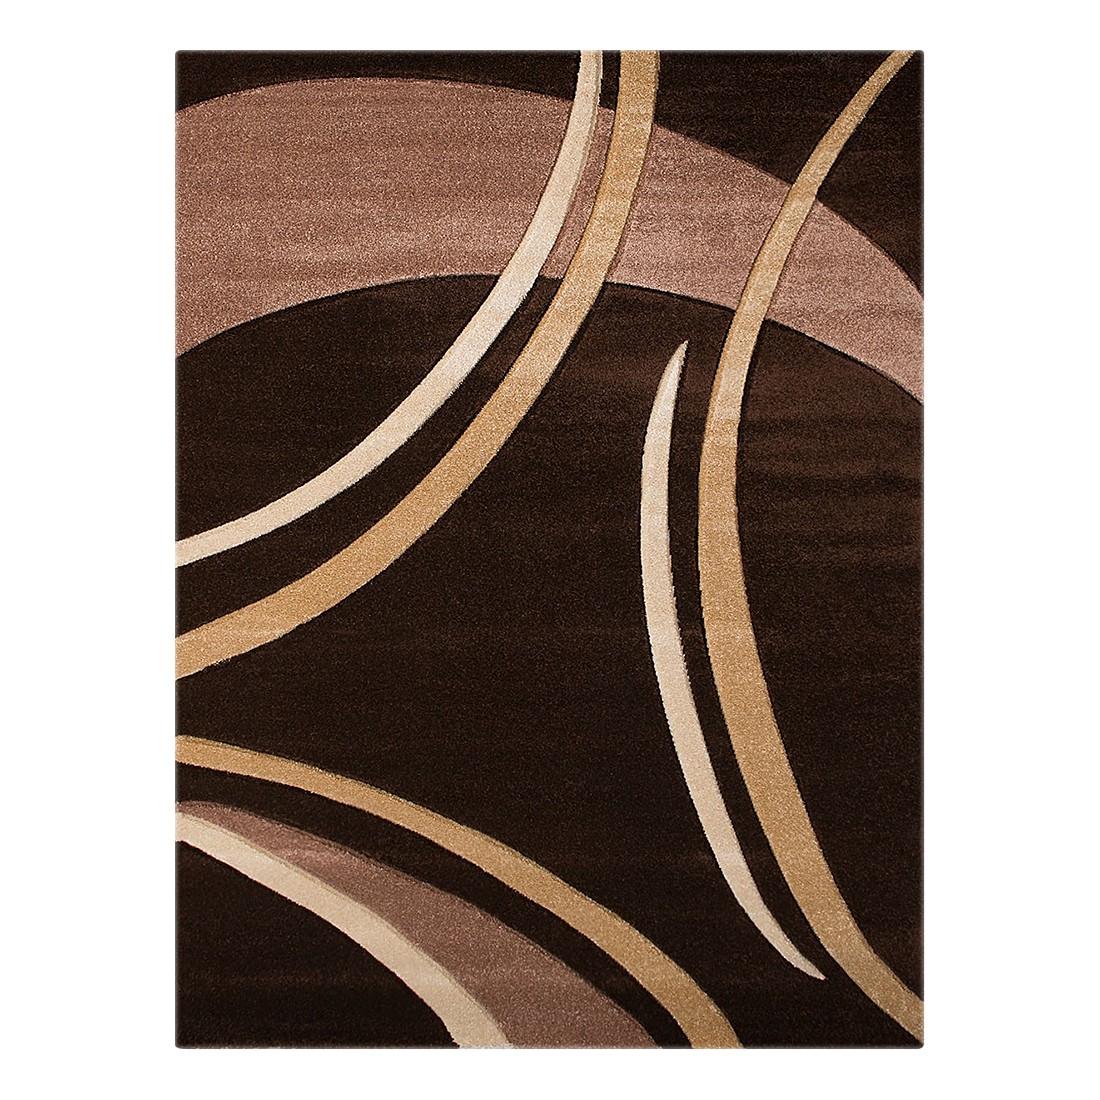 Teppich Nea Linien I – Schoko – 120 x 170 cm, Testil günstig kaufen